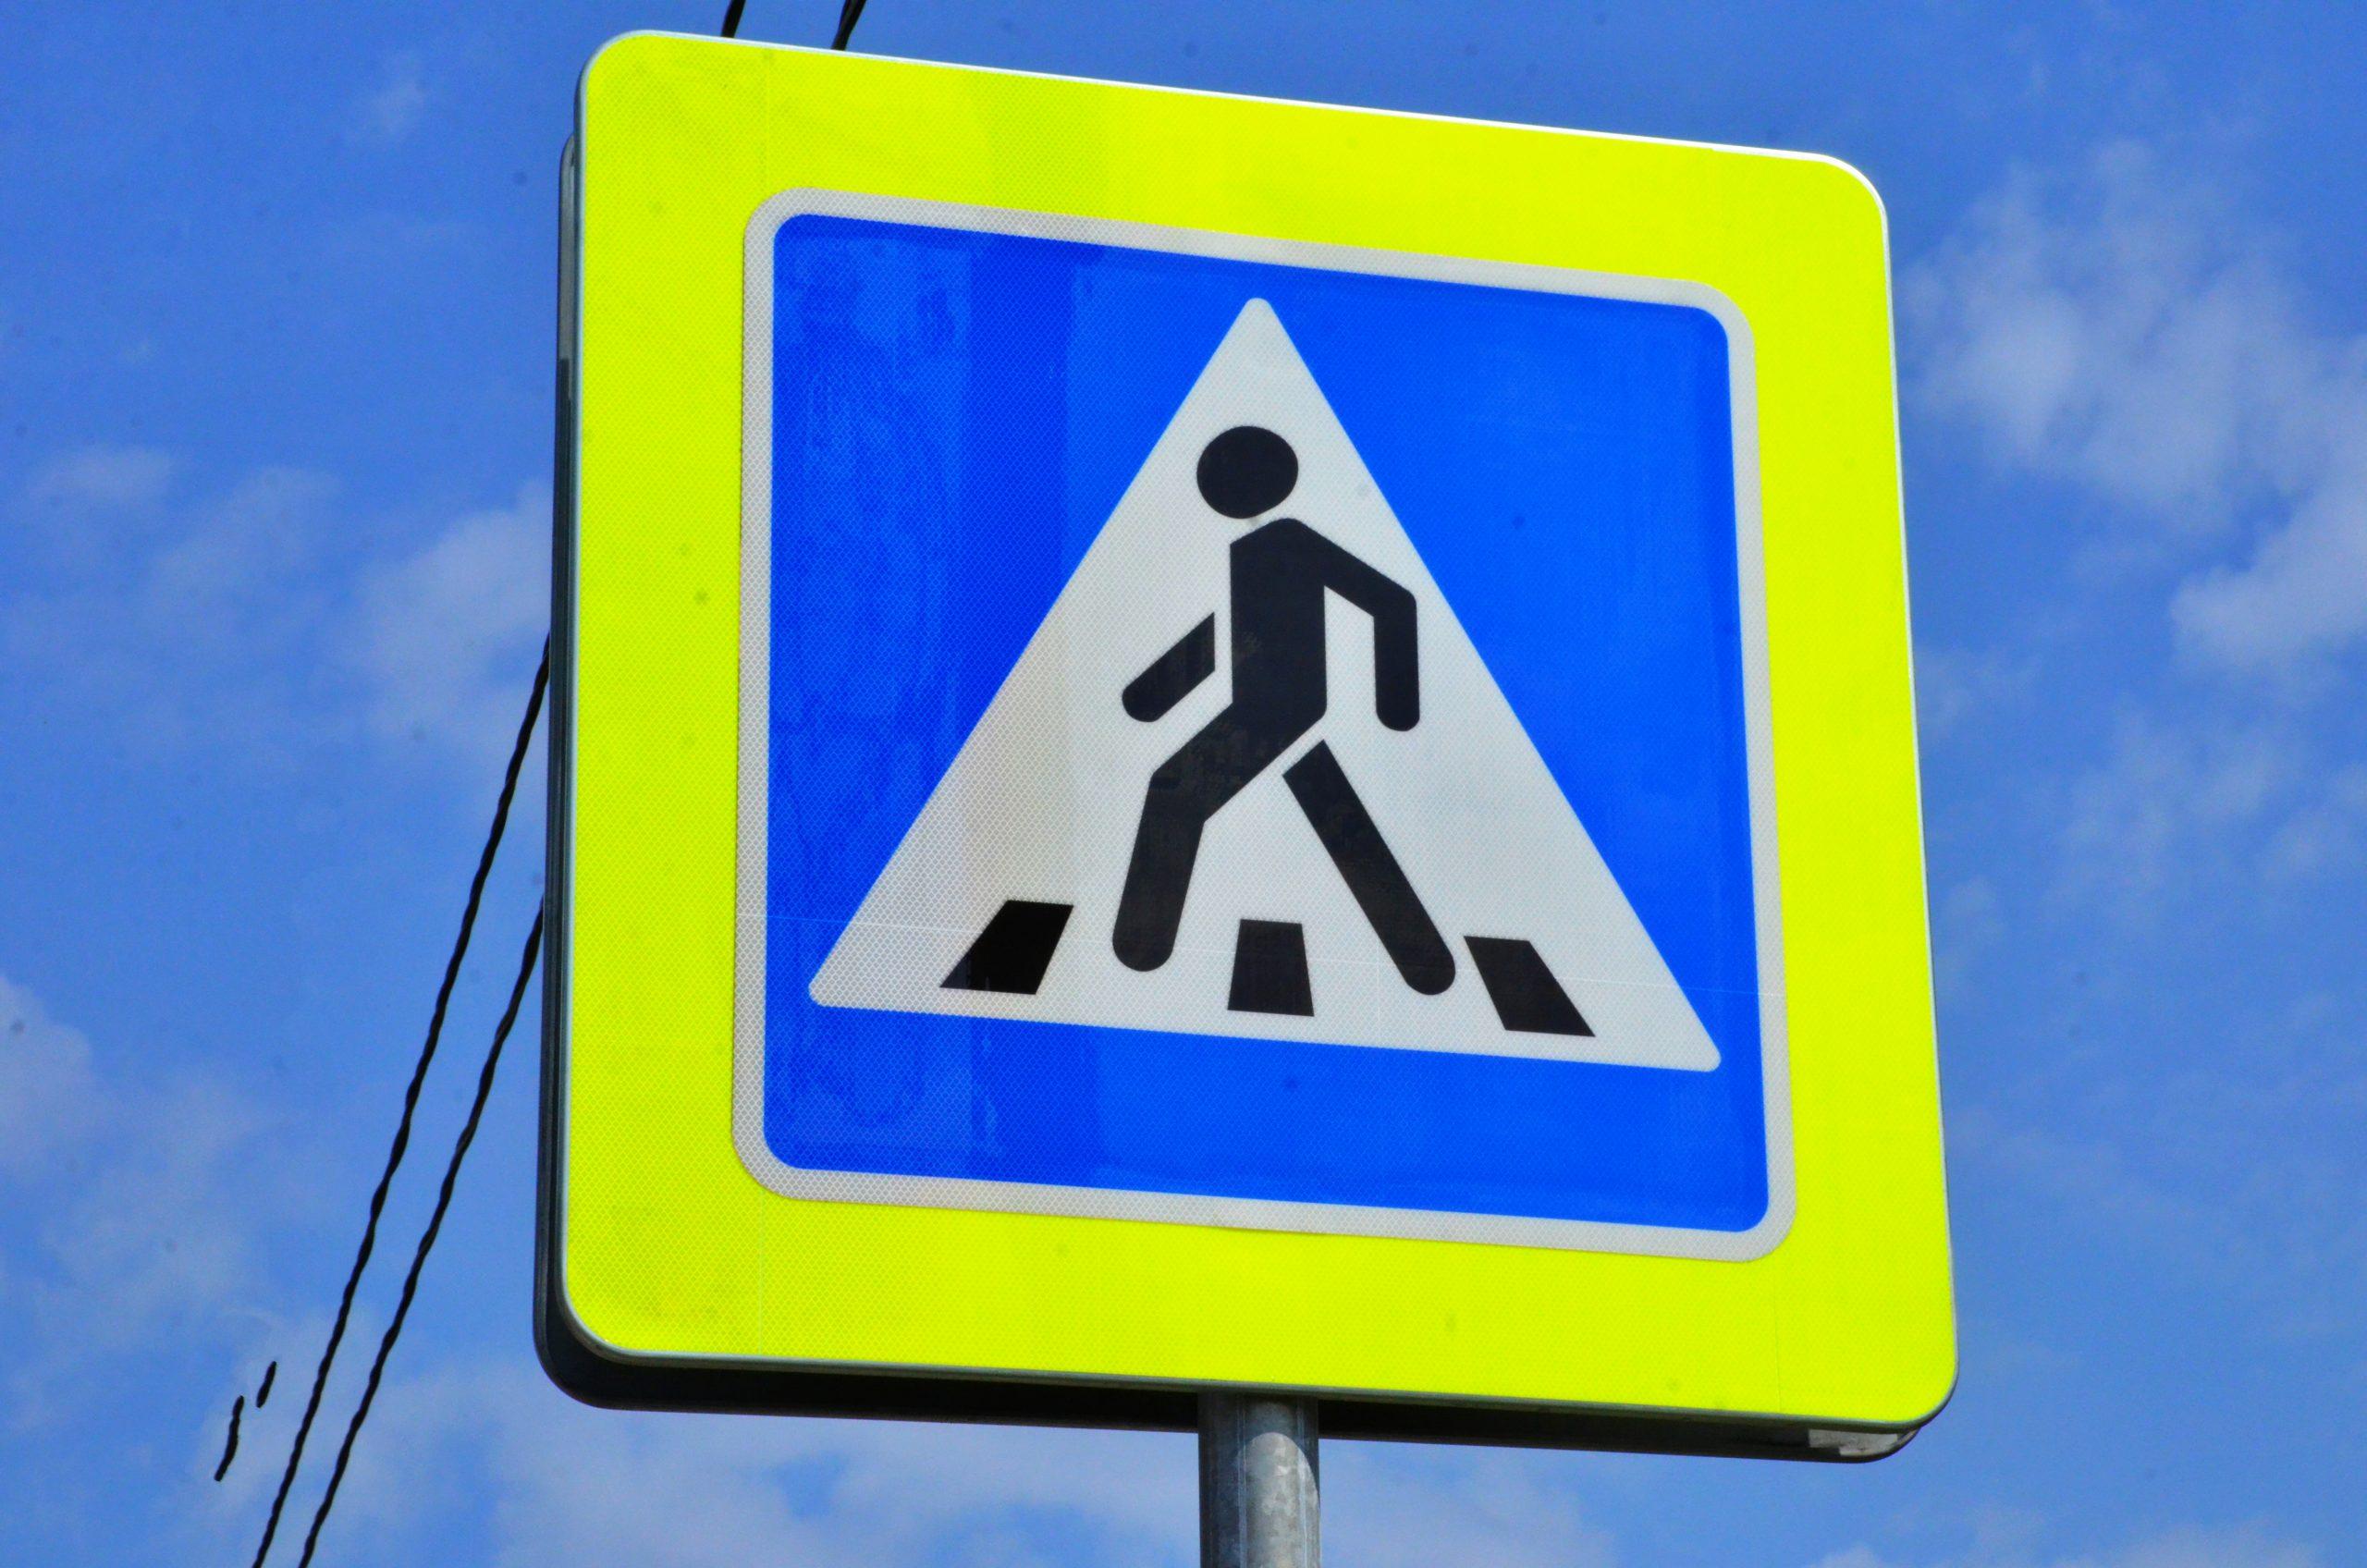 Монтаж дорожных знаков провели в Роговском